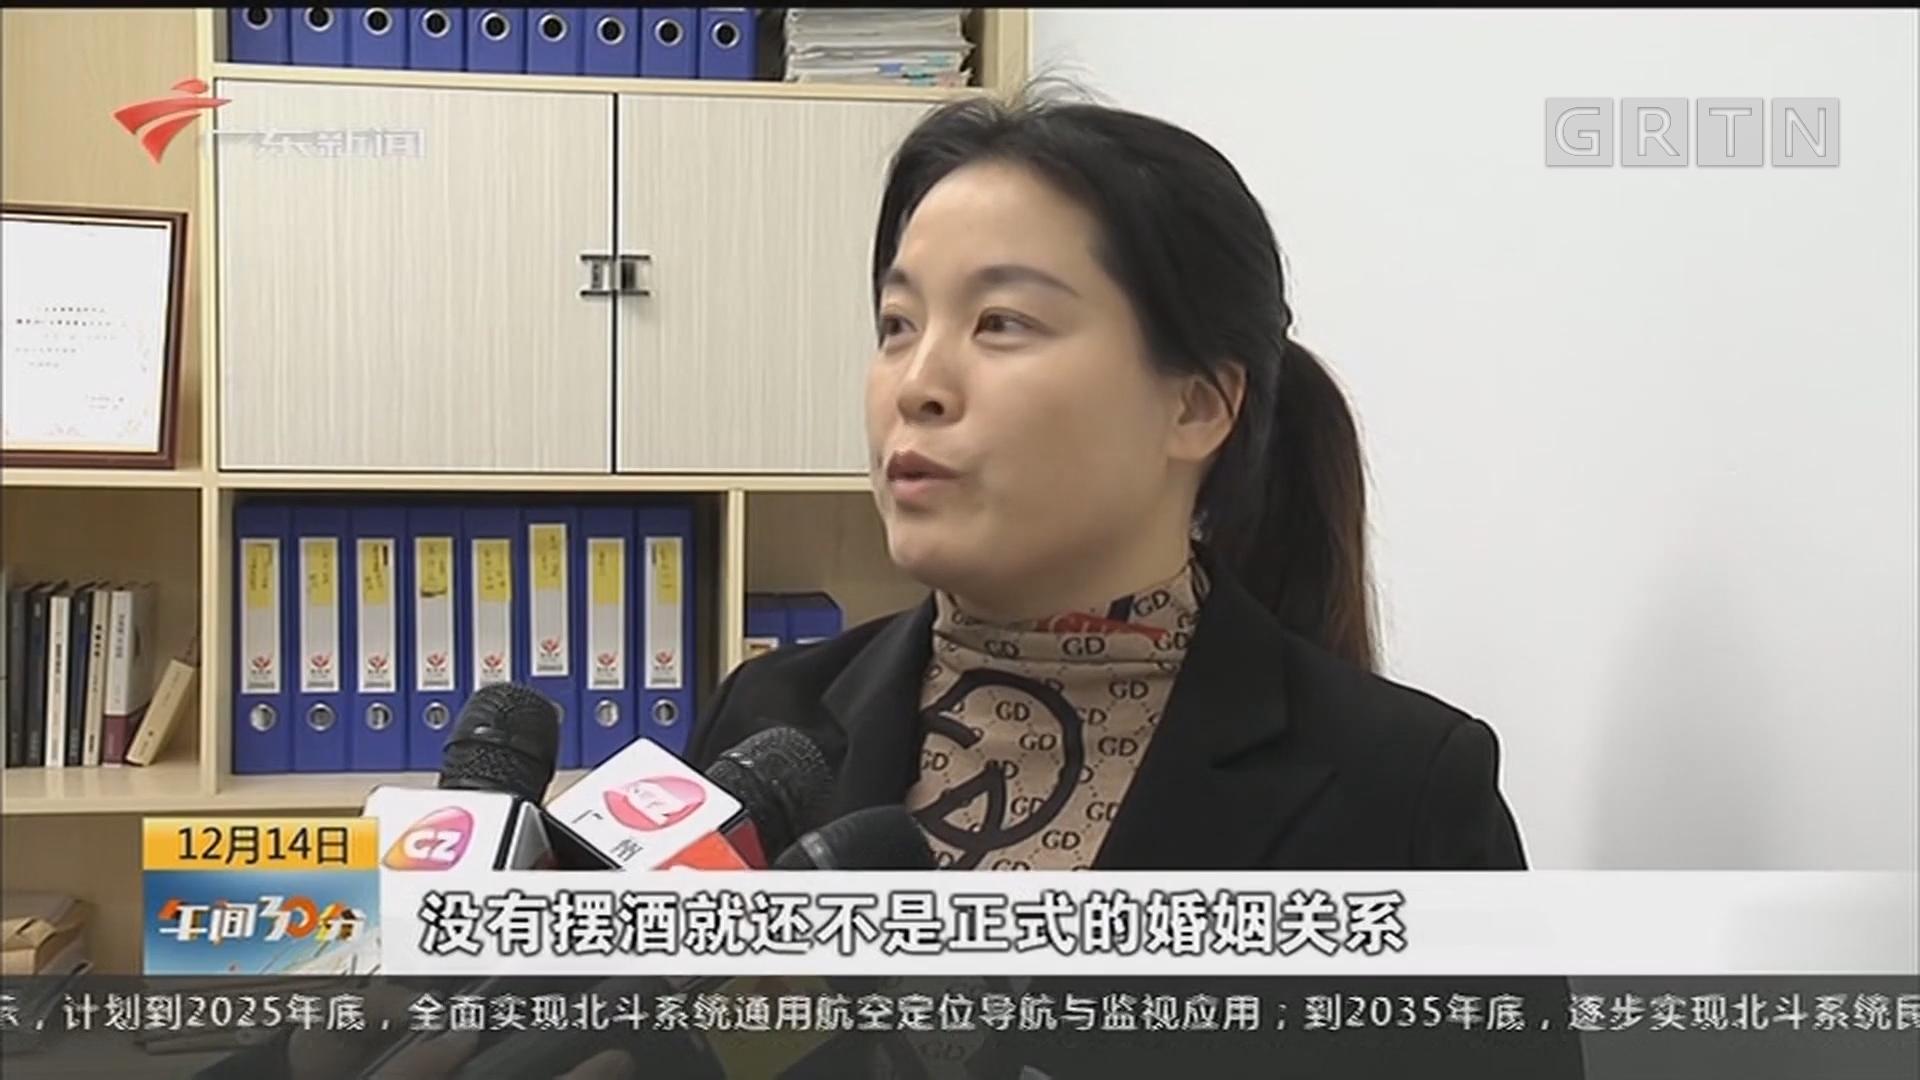 广州:员工入职后怀孕 企业违法与其解约